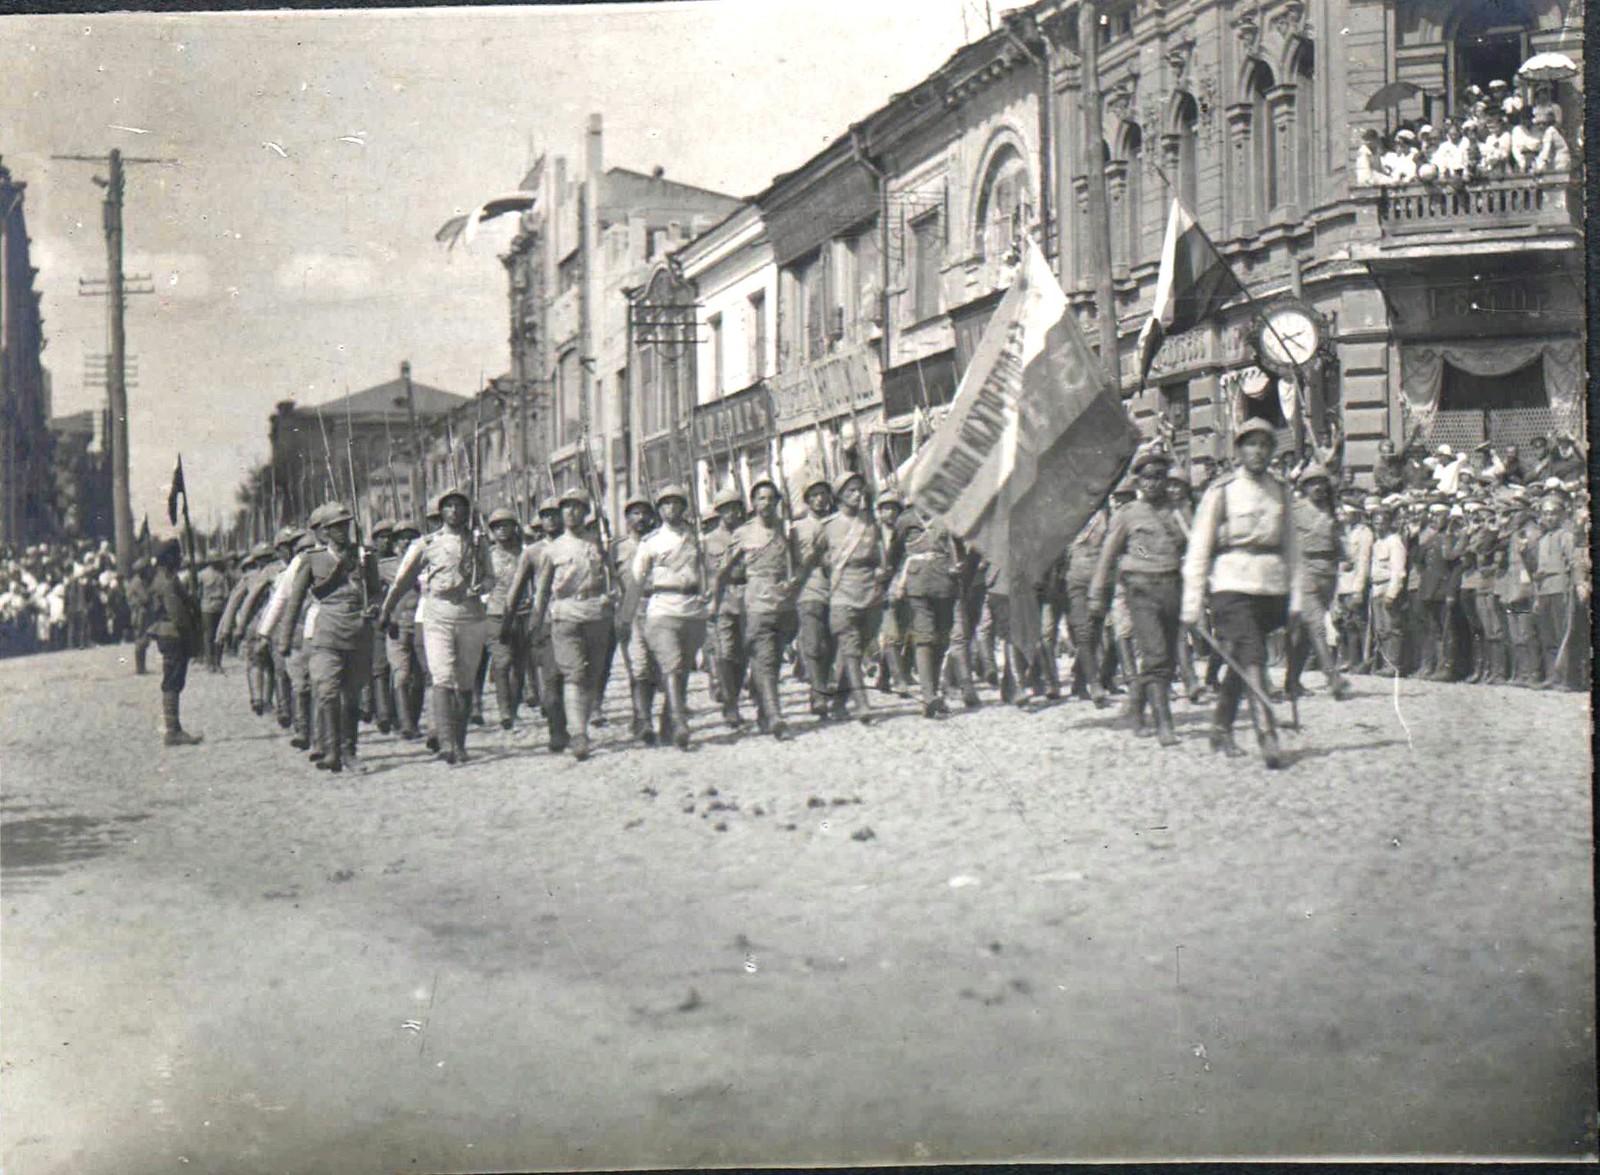 159. 1919. Чествование генерала Кутепова в Харькове